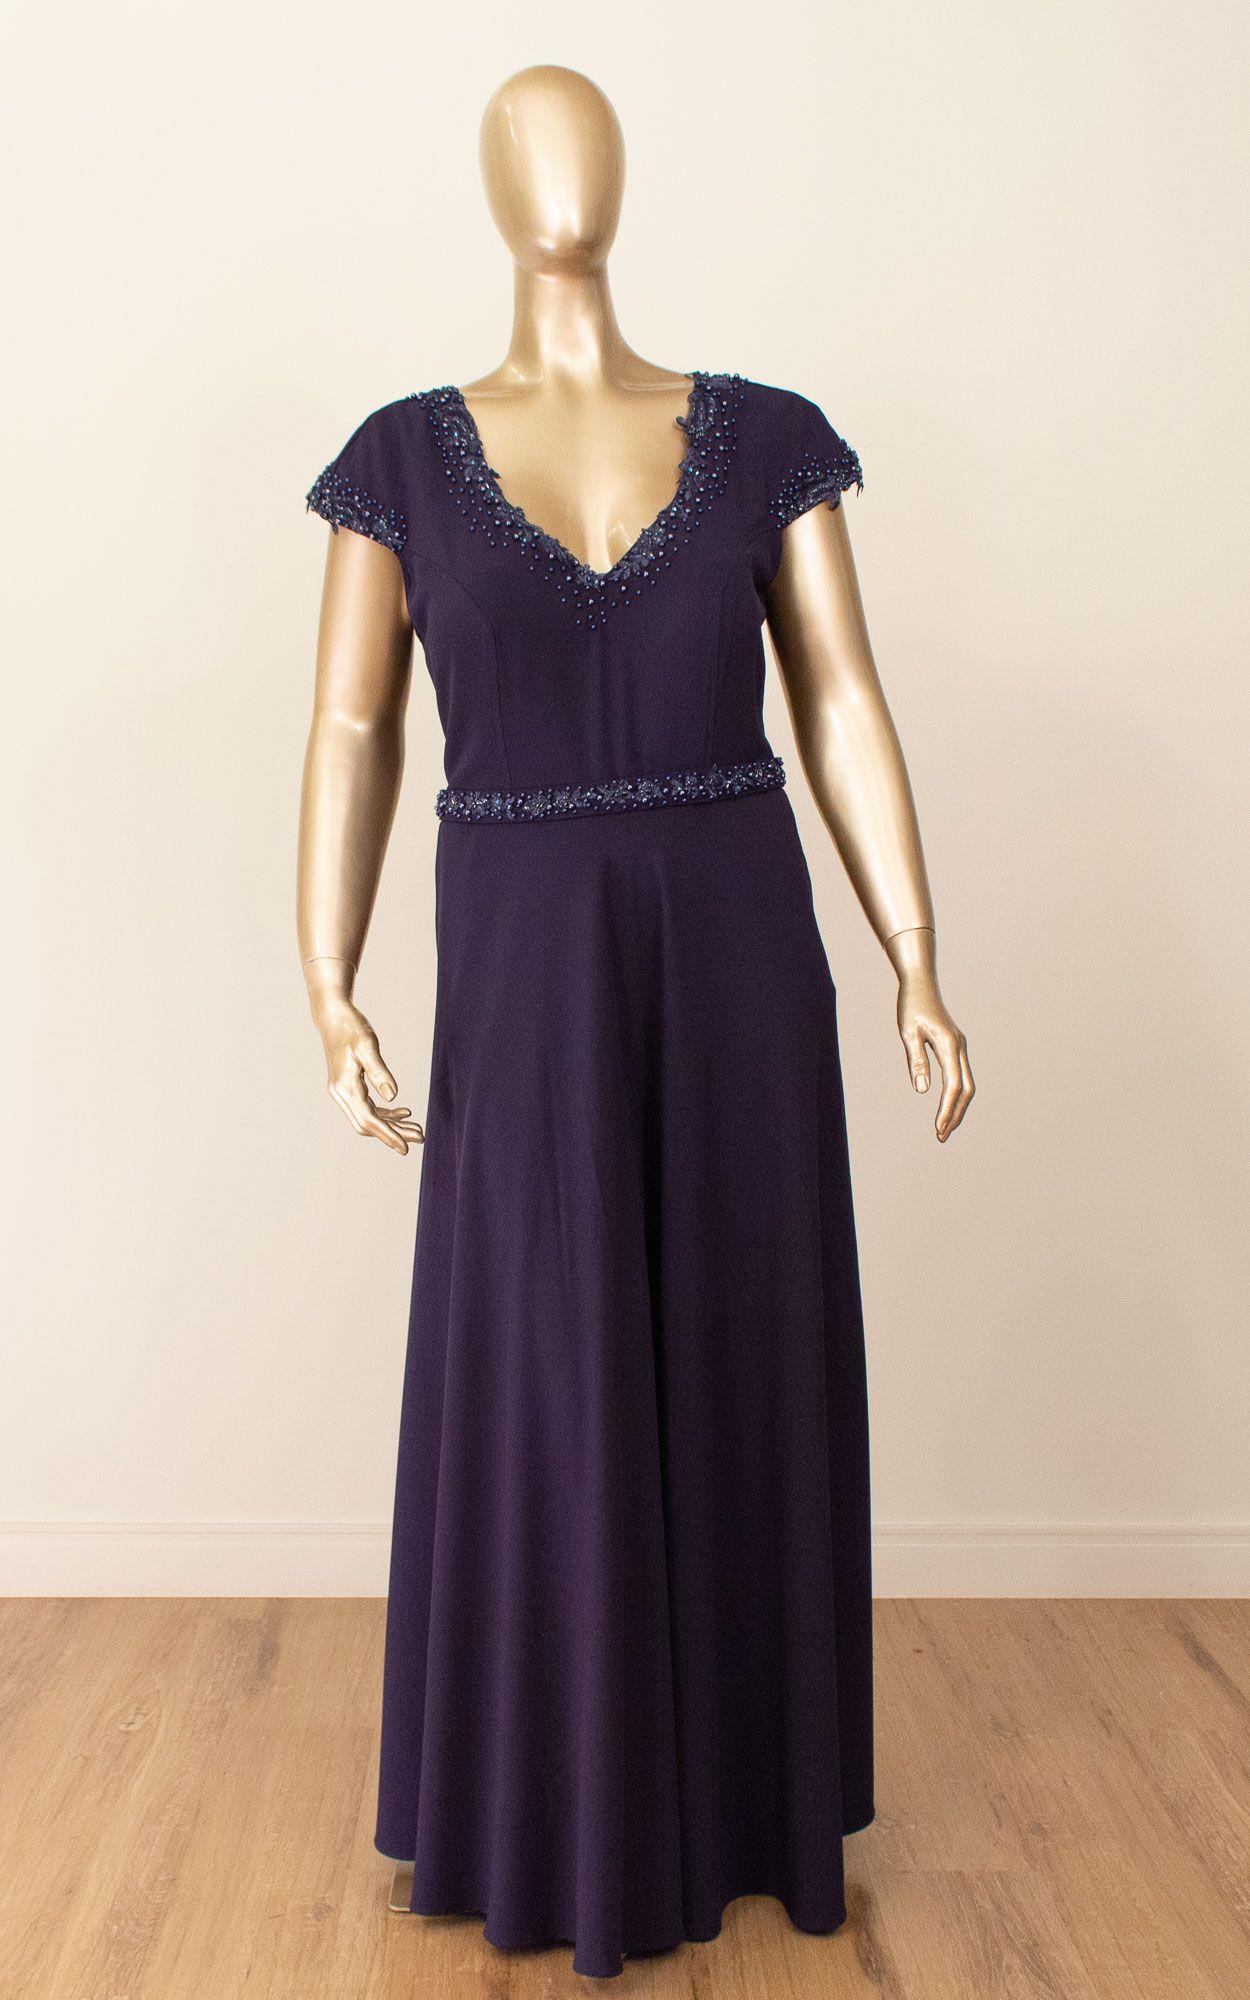 Vestido longo com detalhes bordados e pedrarias